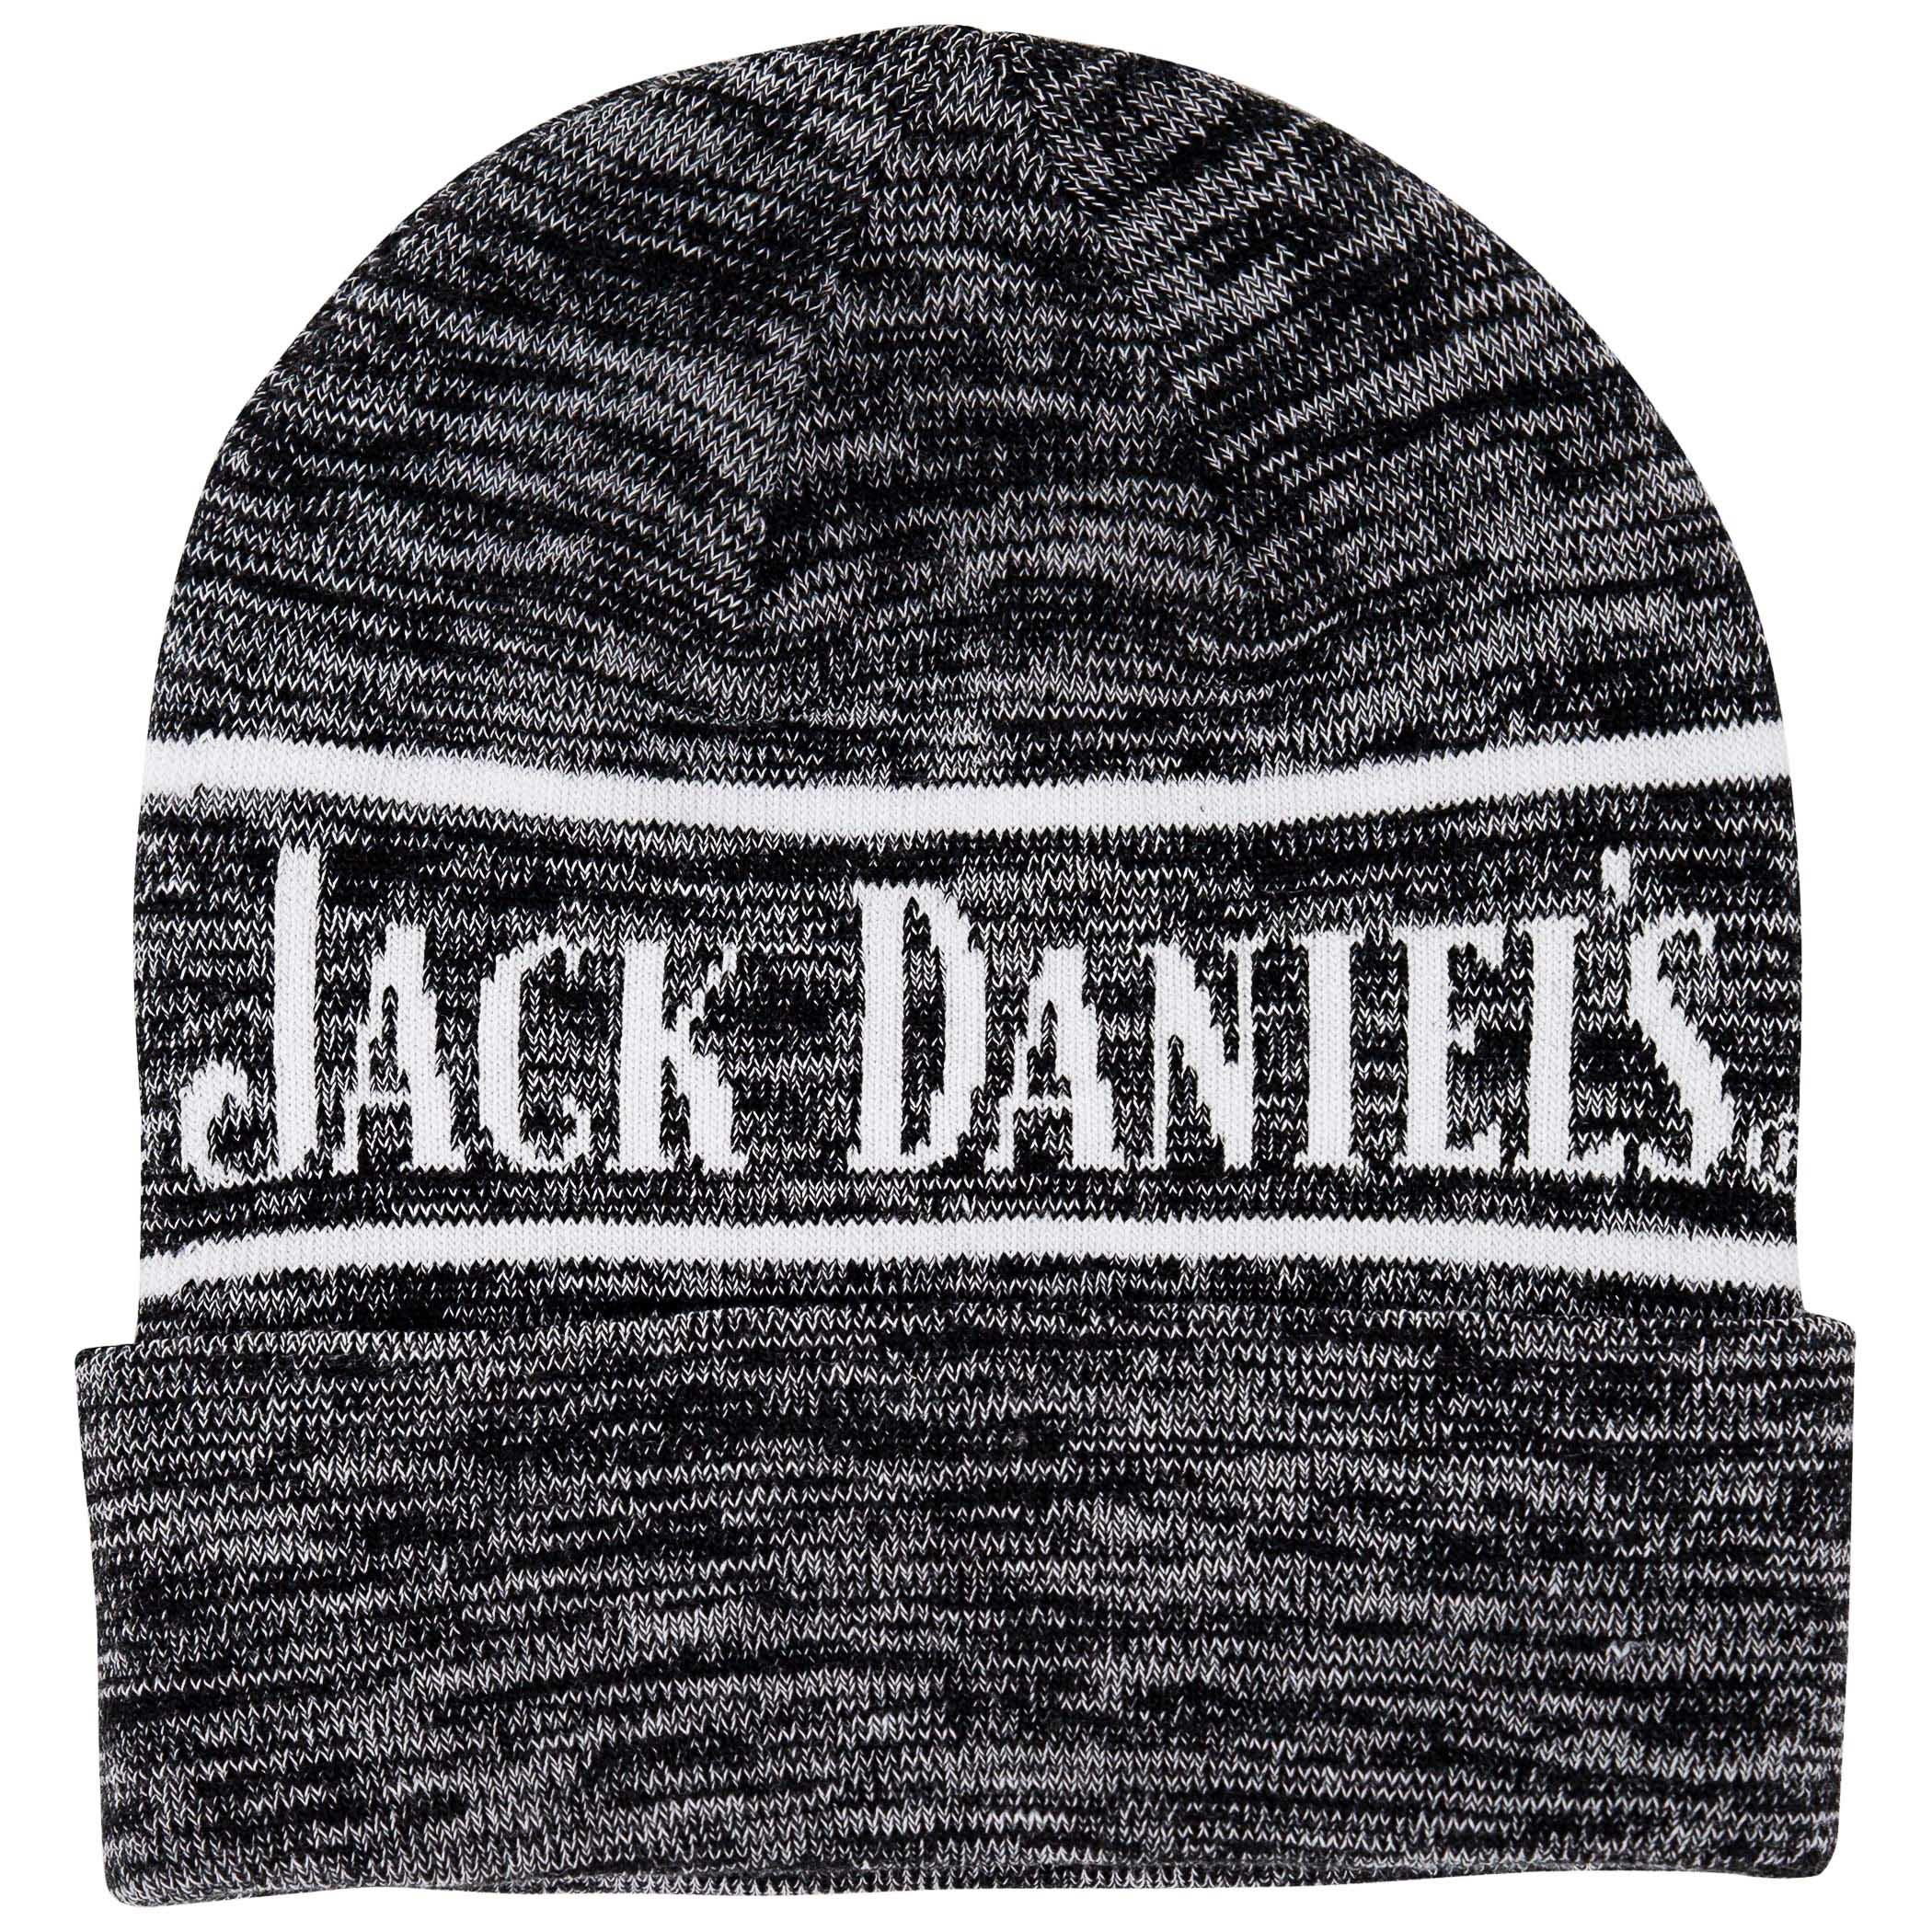 Jack Daniels Embroidered Beanie